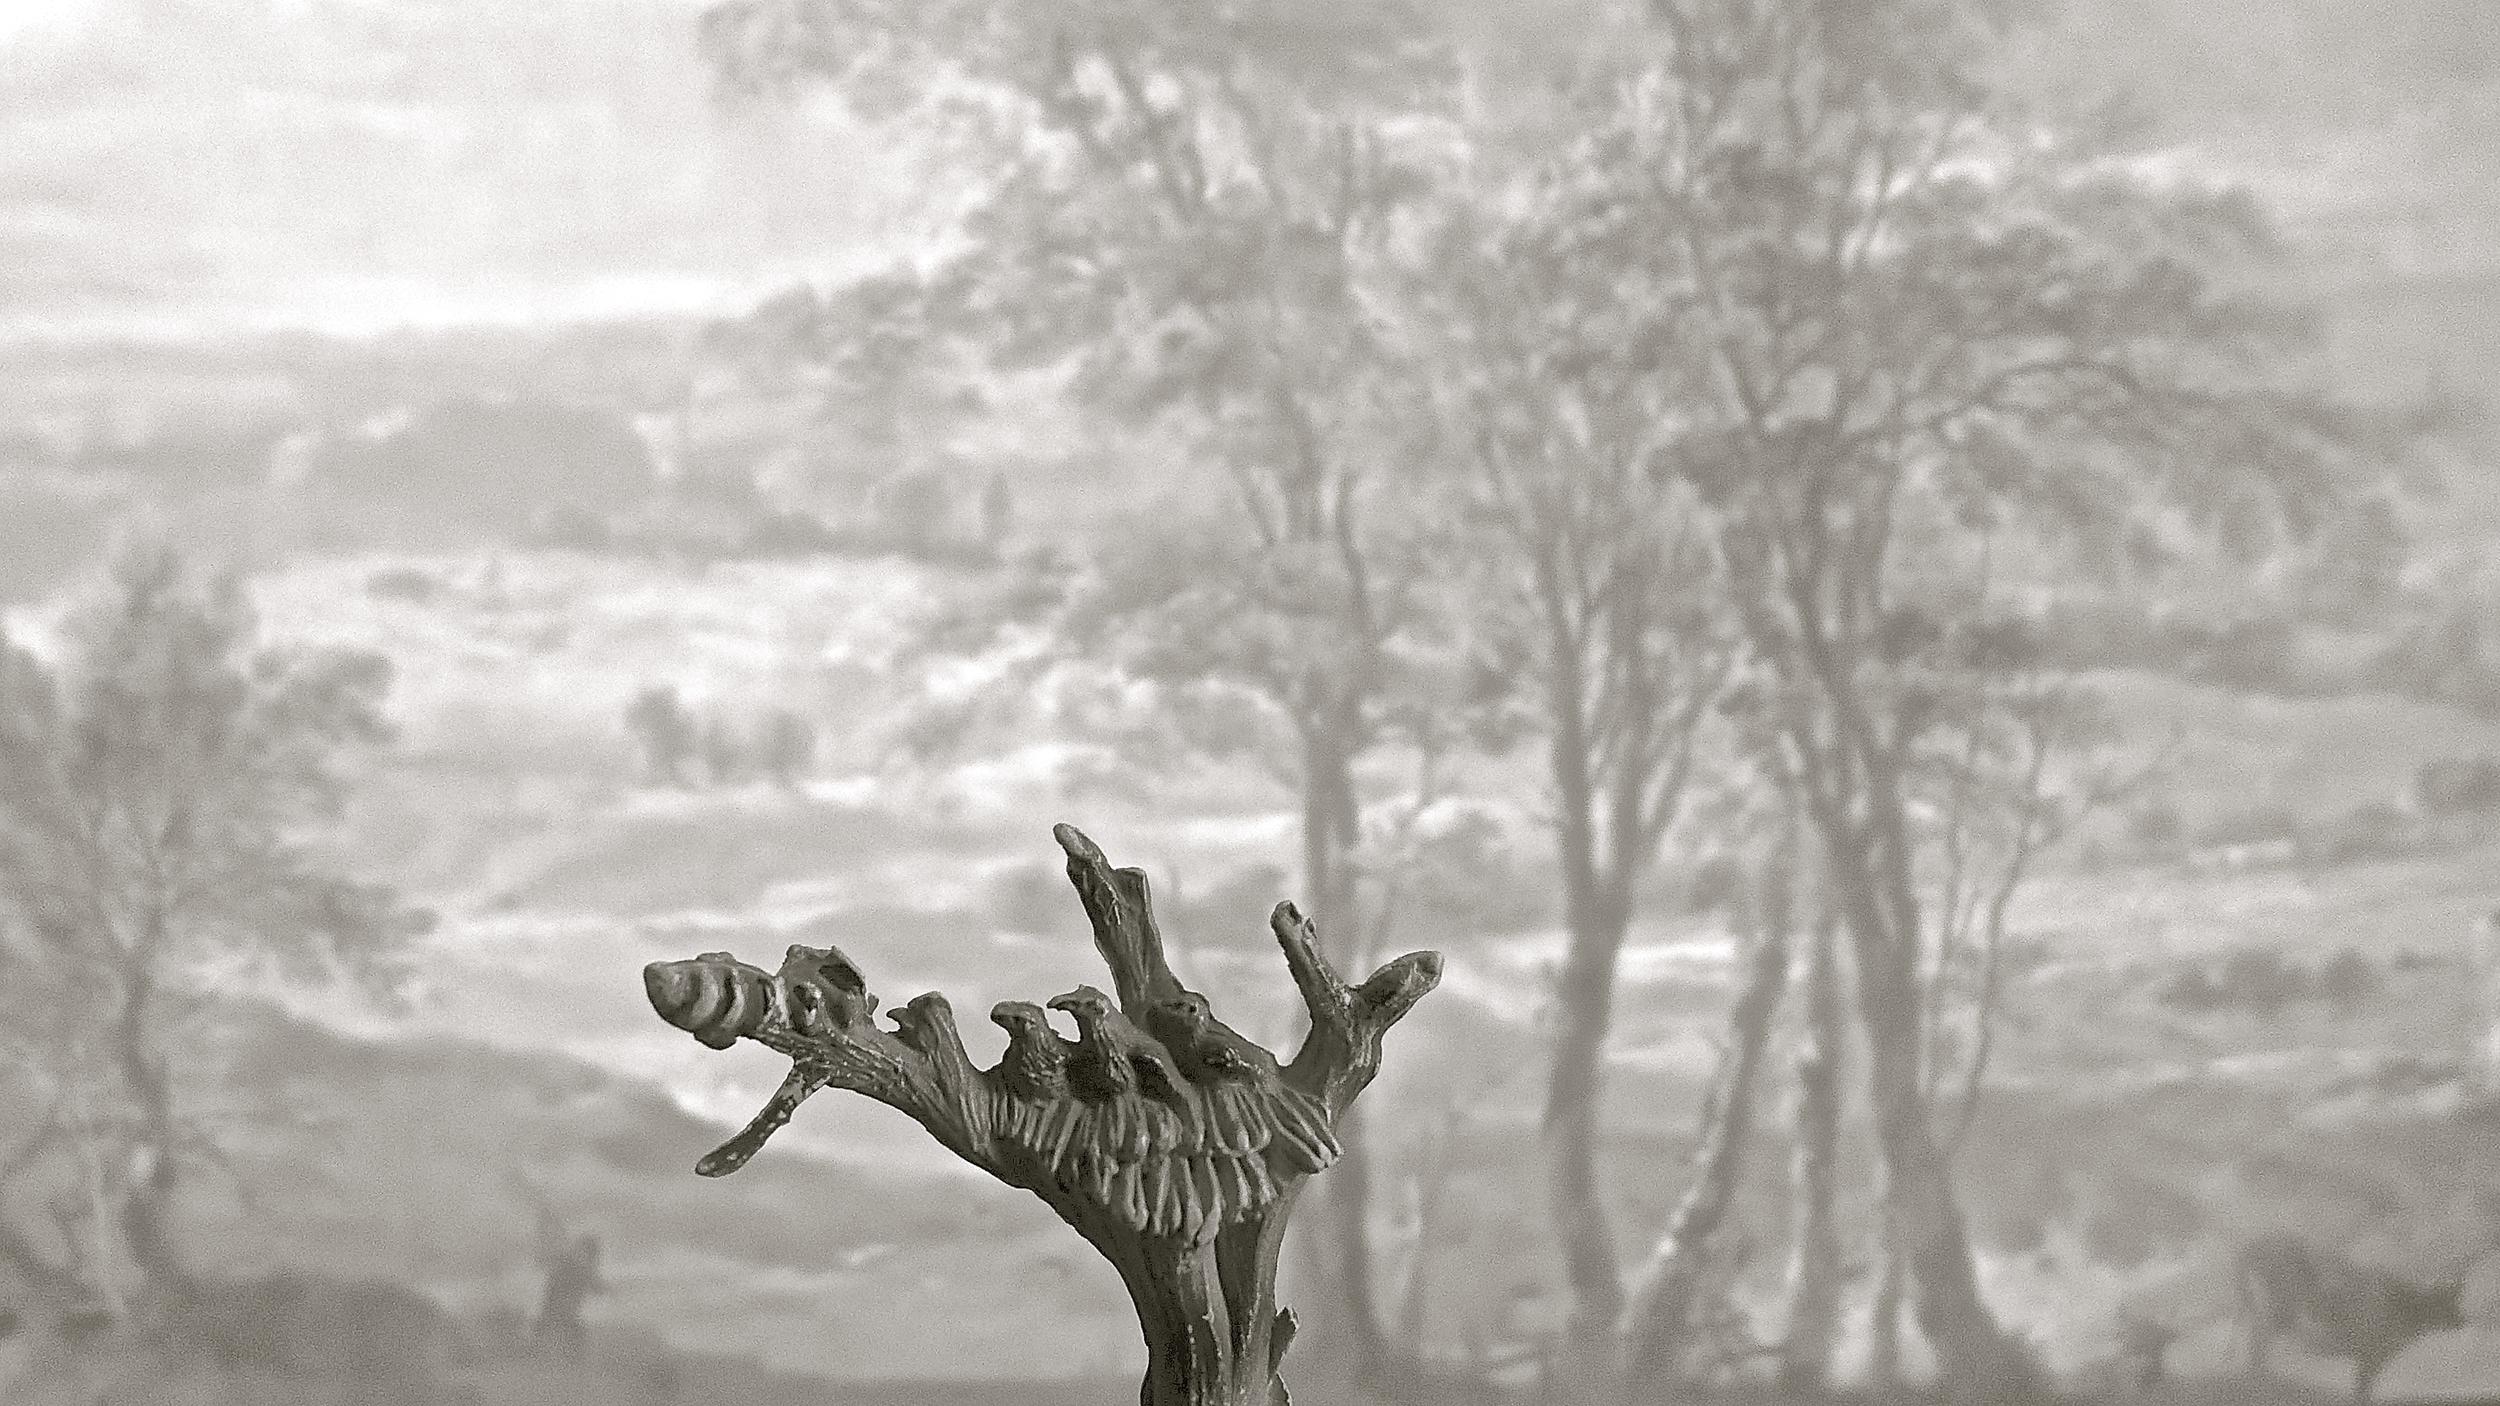 Partida de caza y pescadores, Philips Wouwerman - 1